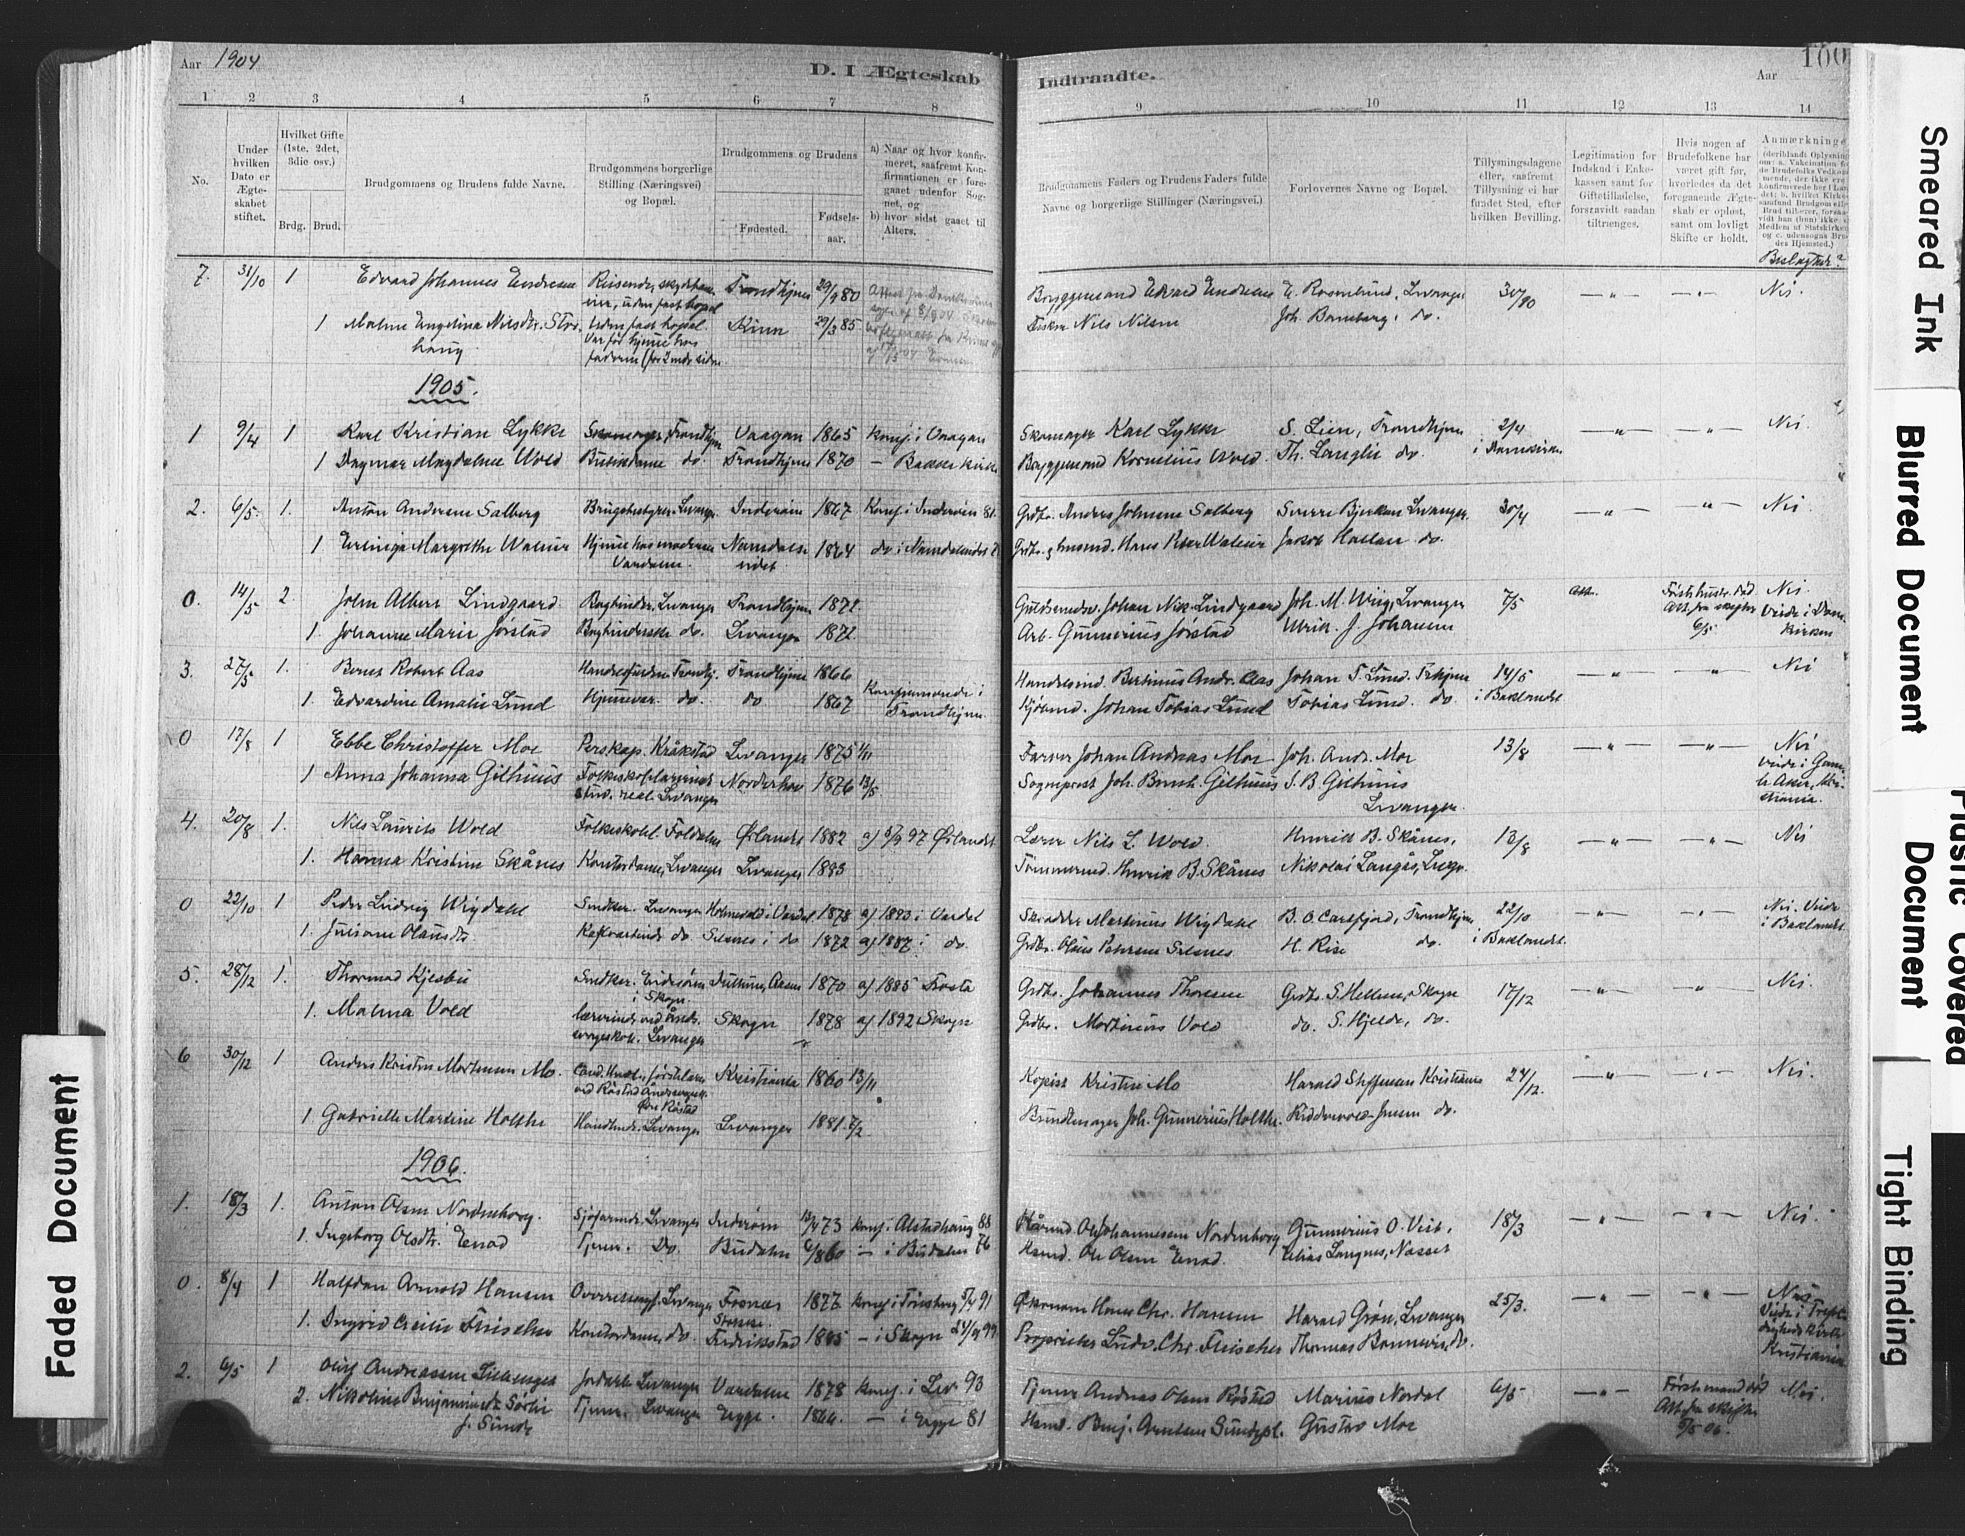 SAT, Ministerialprotokoller, klokkerbøker og fødselsregistre - Nord-Trøndelag, 720/L0189: Ministerialbok nr. 720A05, 1880-1911, s. 100